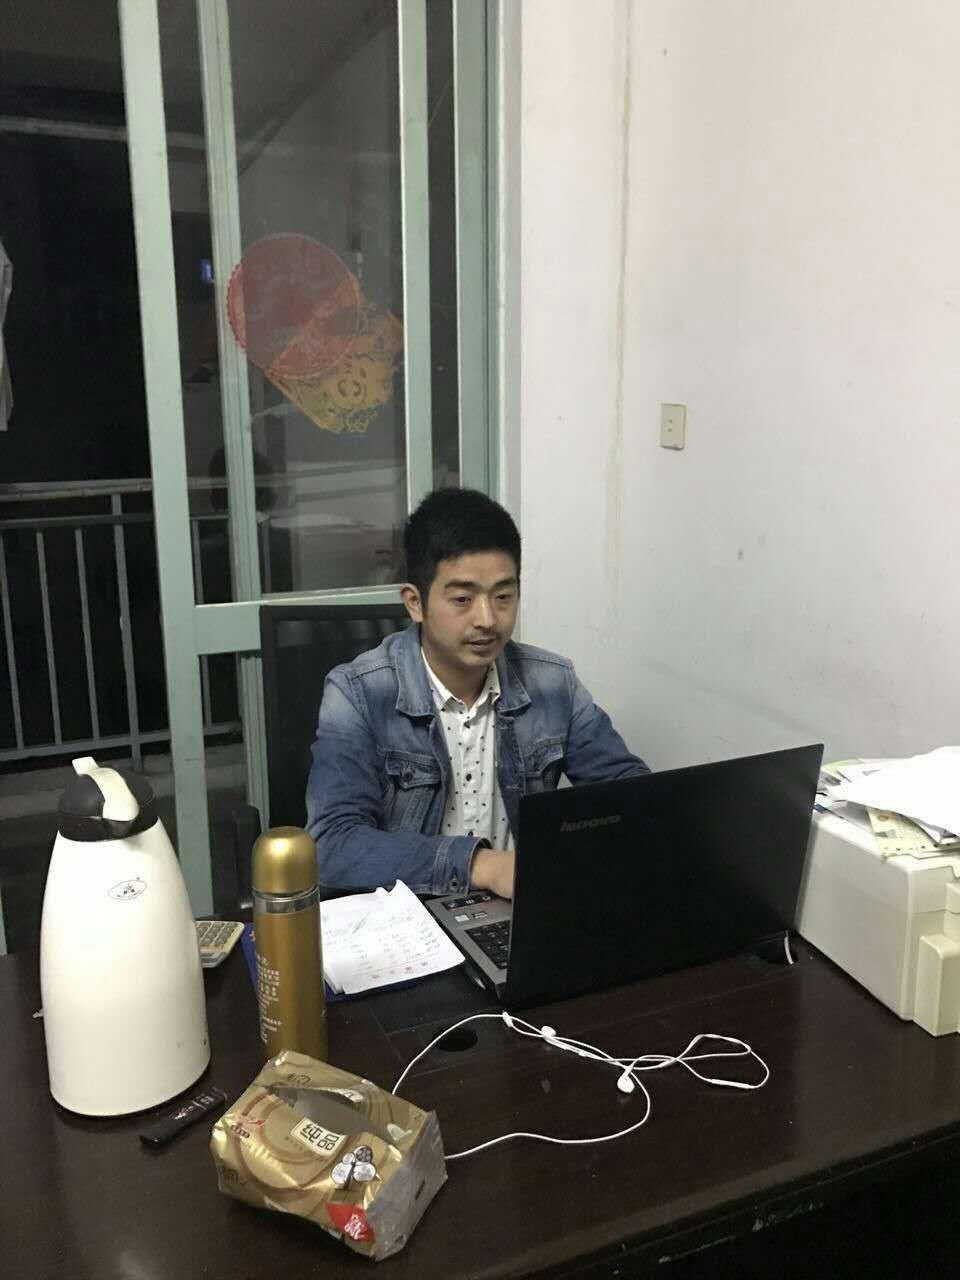 上海到淮南物流专线(上海捷堡物流有限公司)